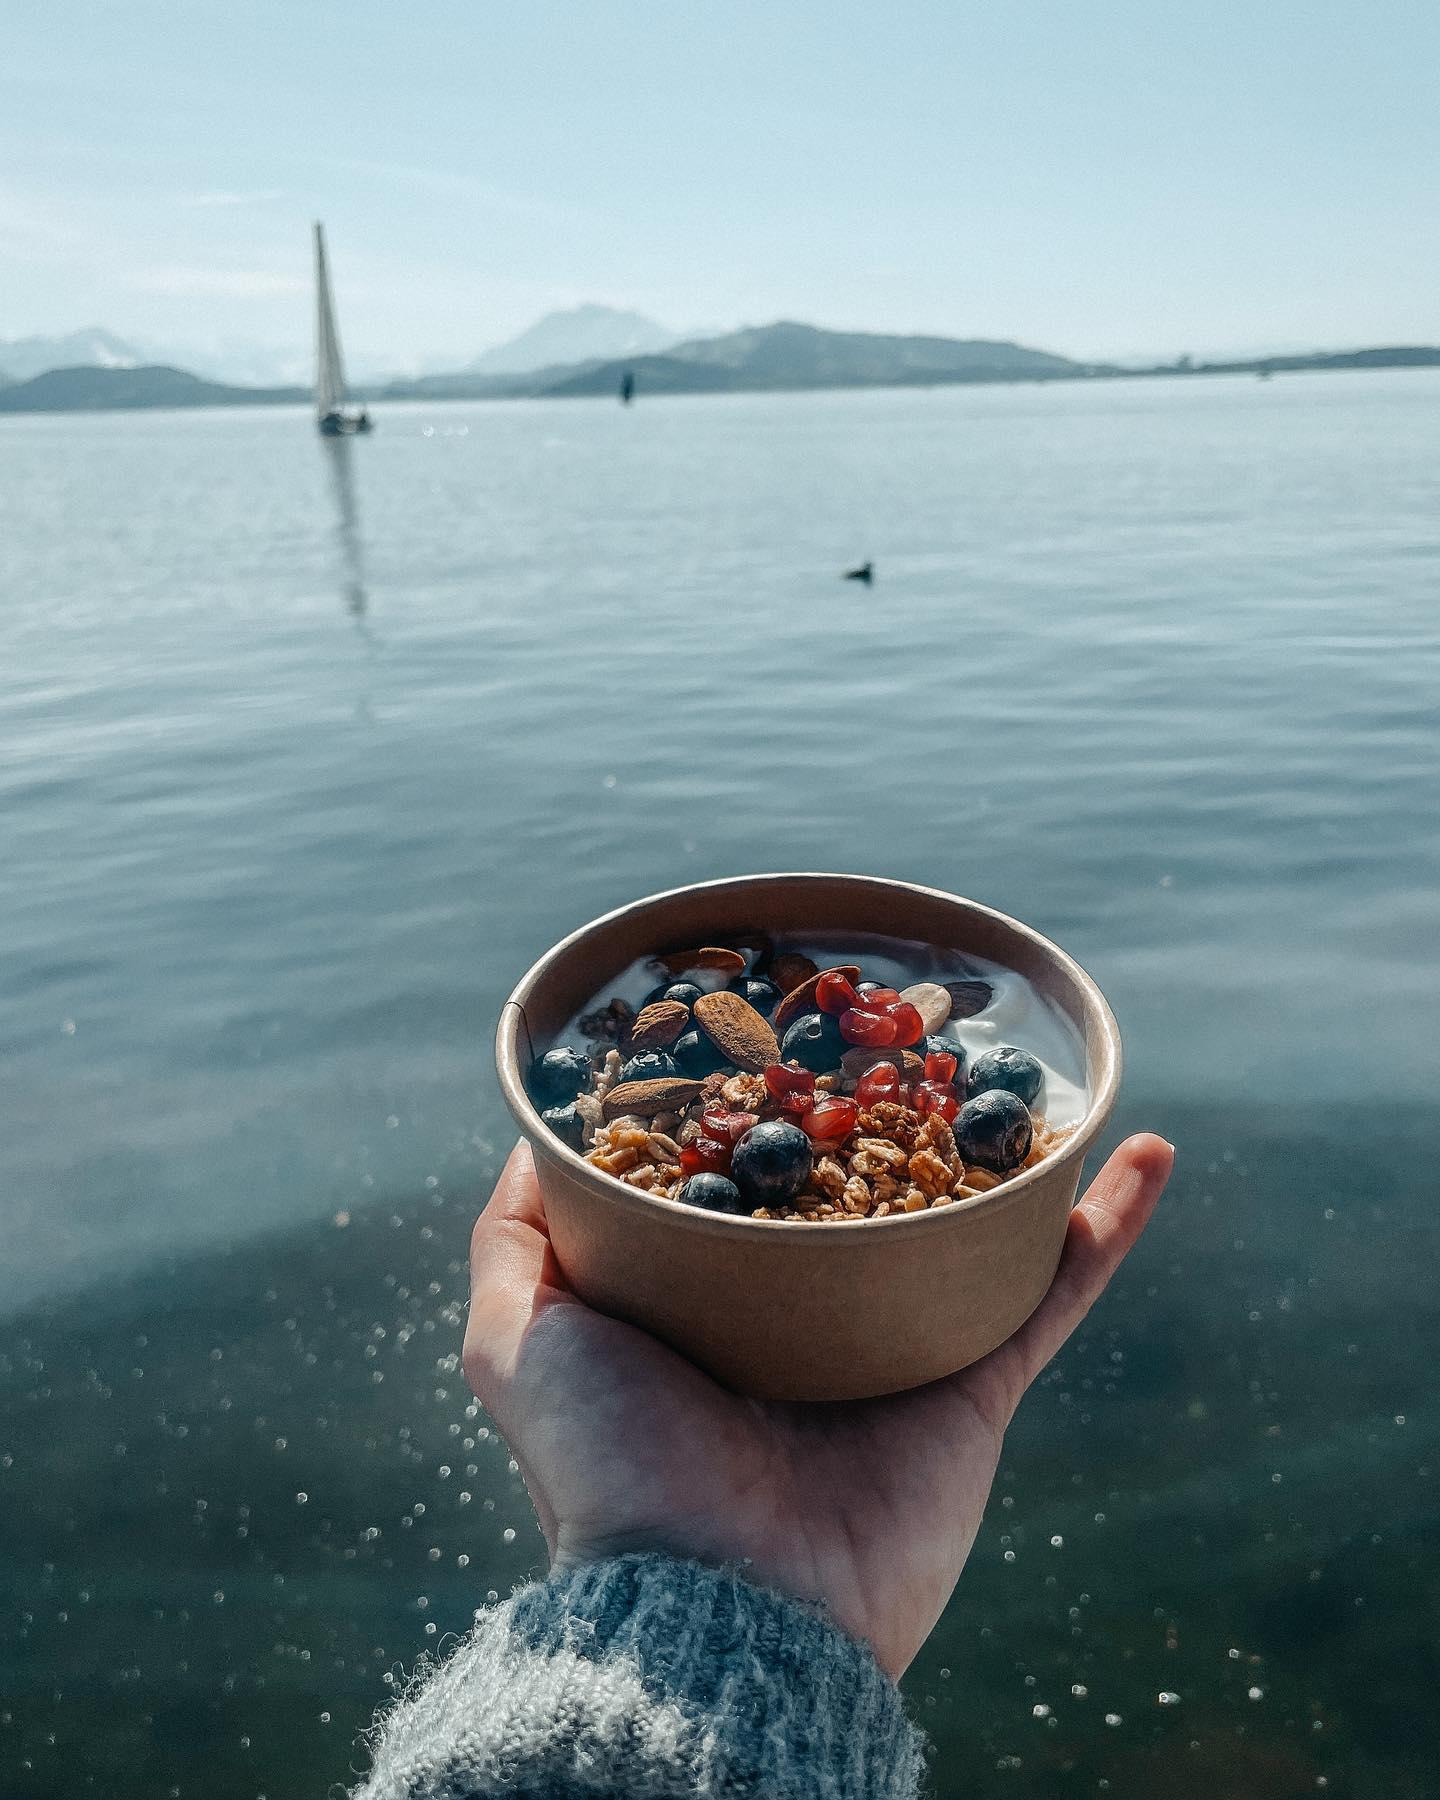 Ab dem Wochenende ist endlich wieder am-See-sitzen-und-Bowls-essen-Wetter!…